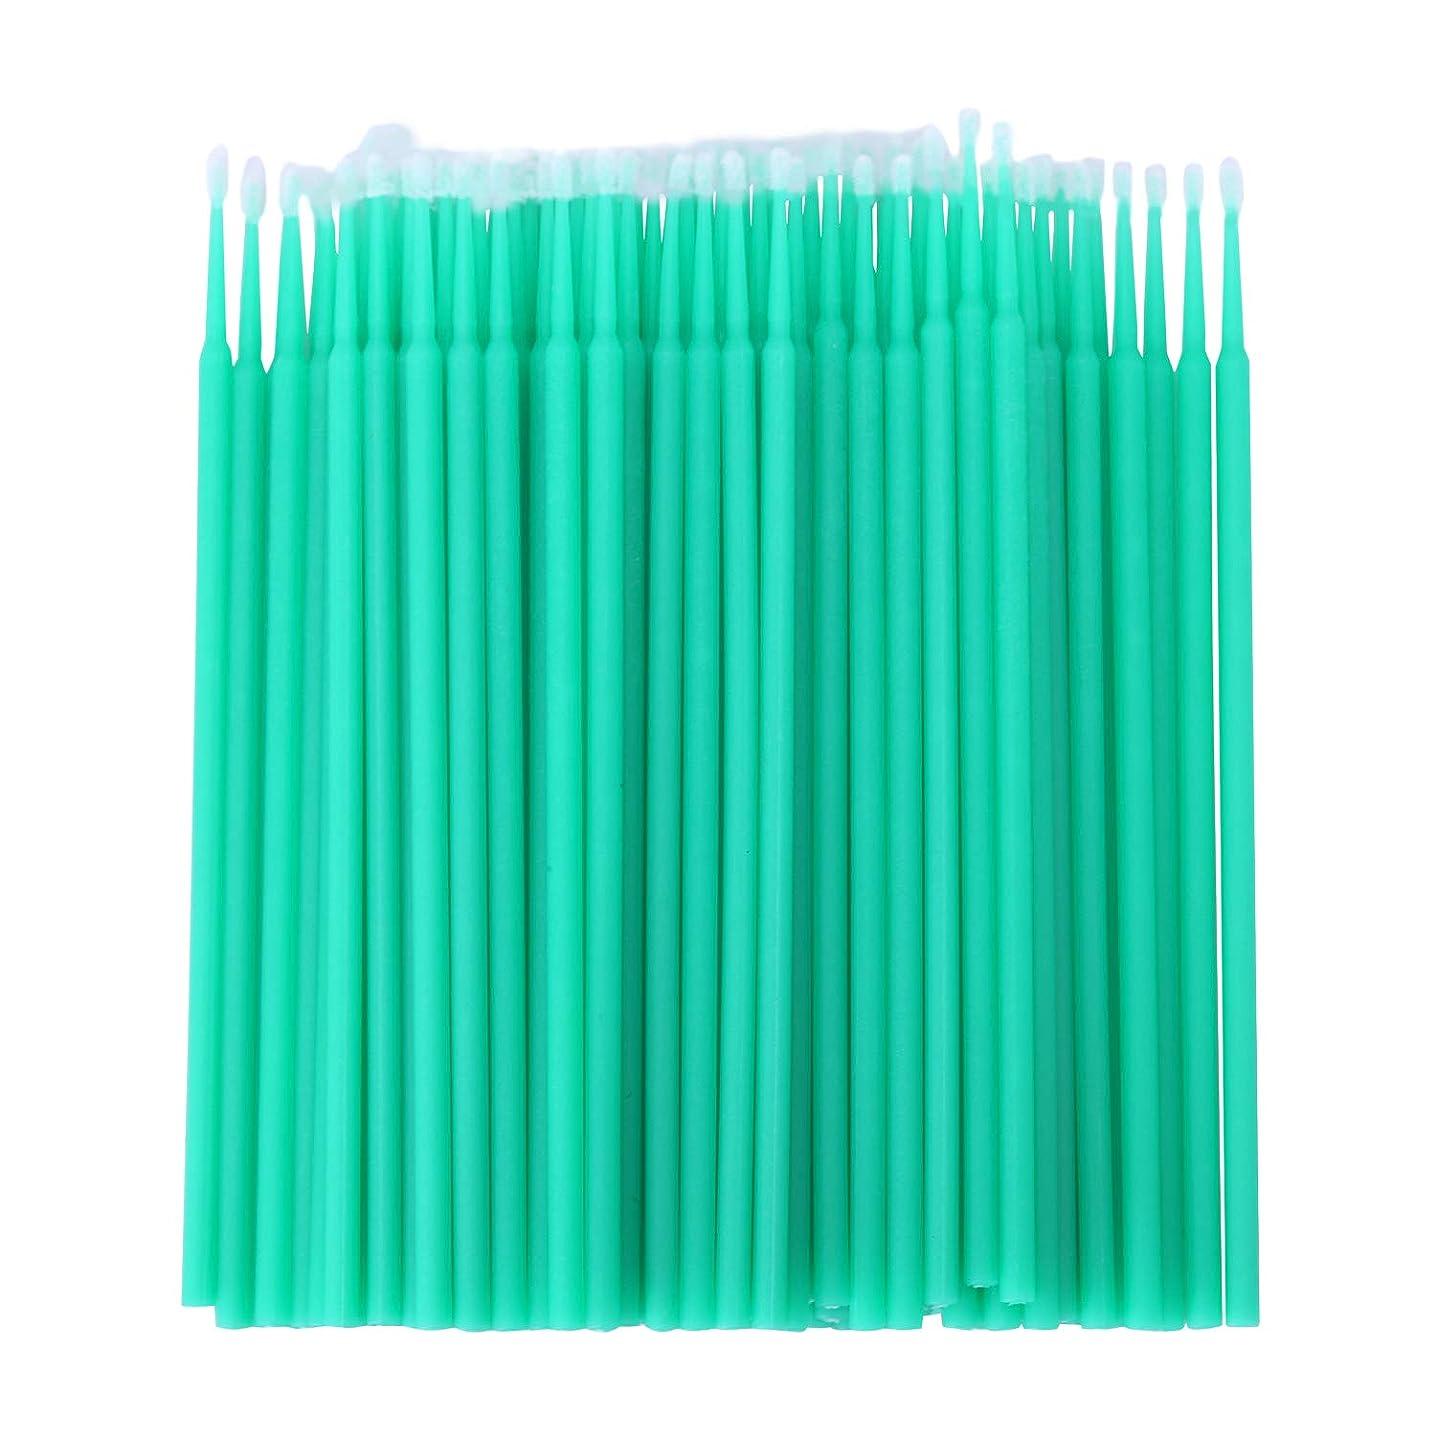 デコレーション毛皮スーパーマーケットWOVELOT 100個 歯科用マイクロブラシ 使い捨て材料 歯用アプリケーター ミディアムファイン(ライトグリーン)